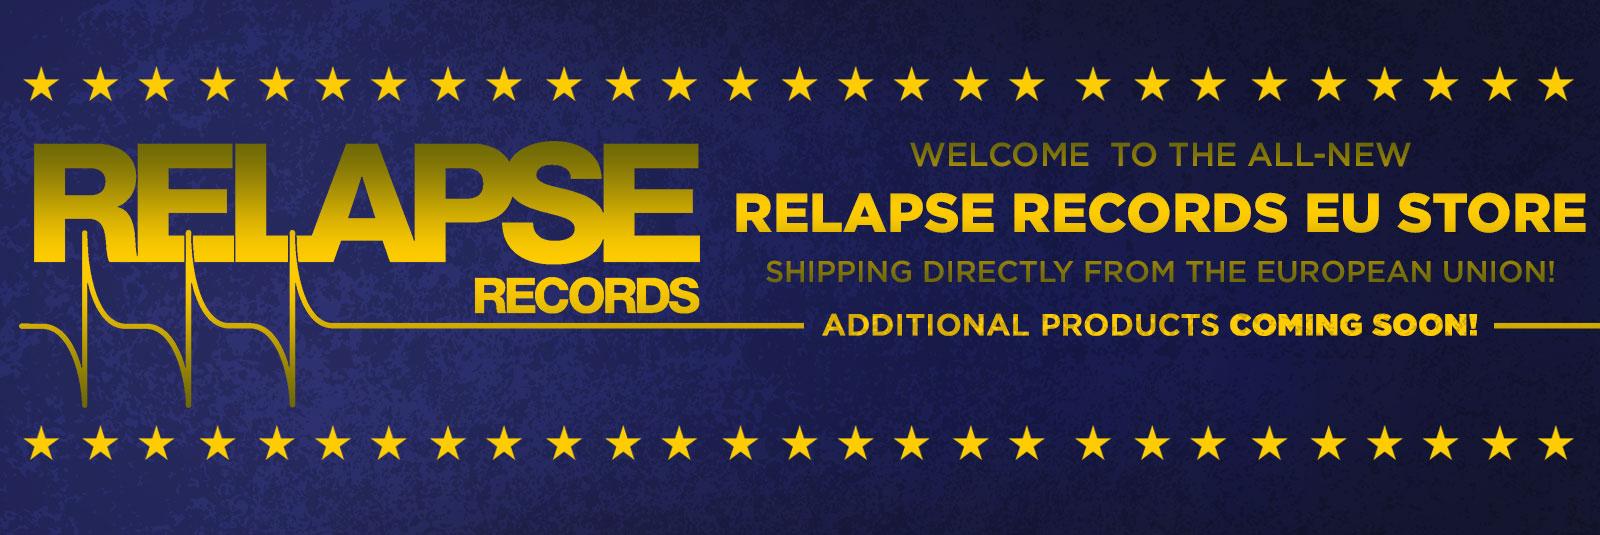 relapse-eu-store